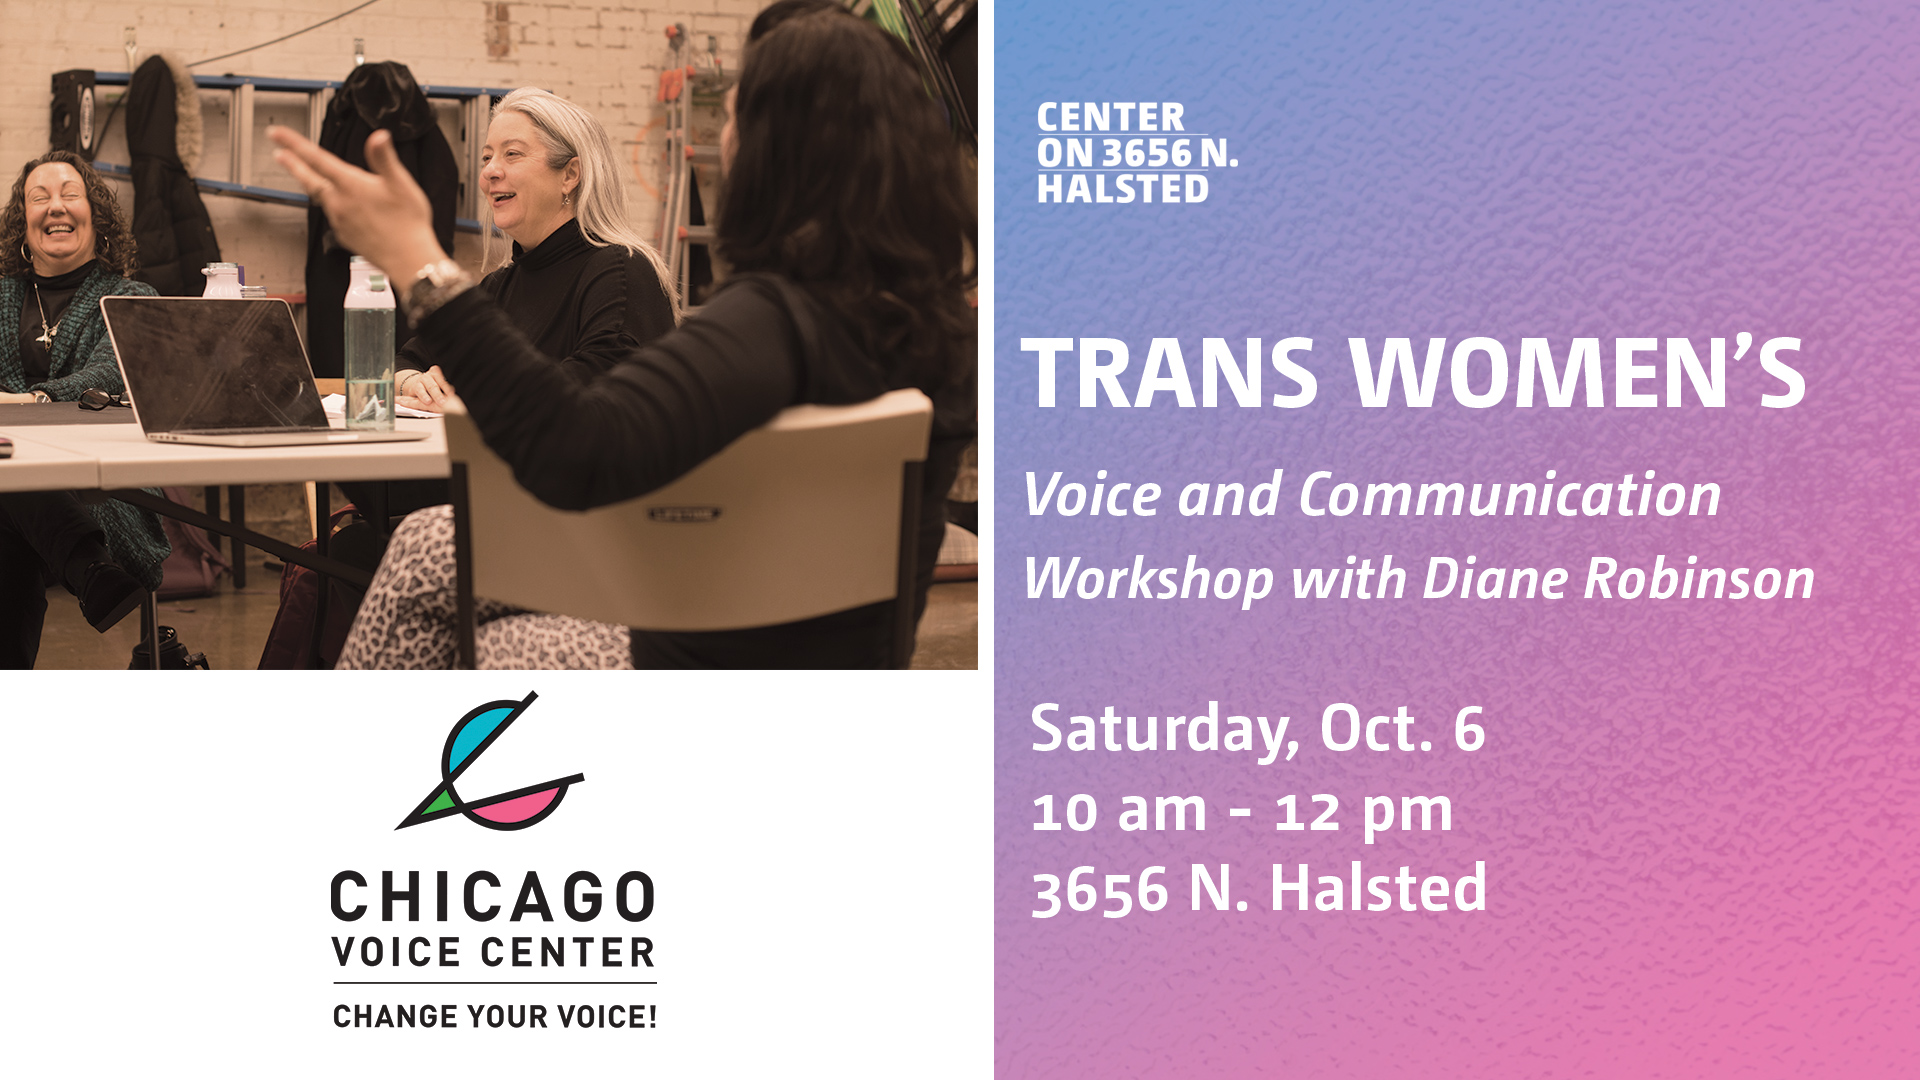 trans_voice_workshop (1).jpg